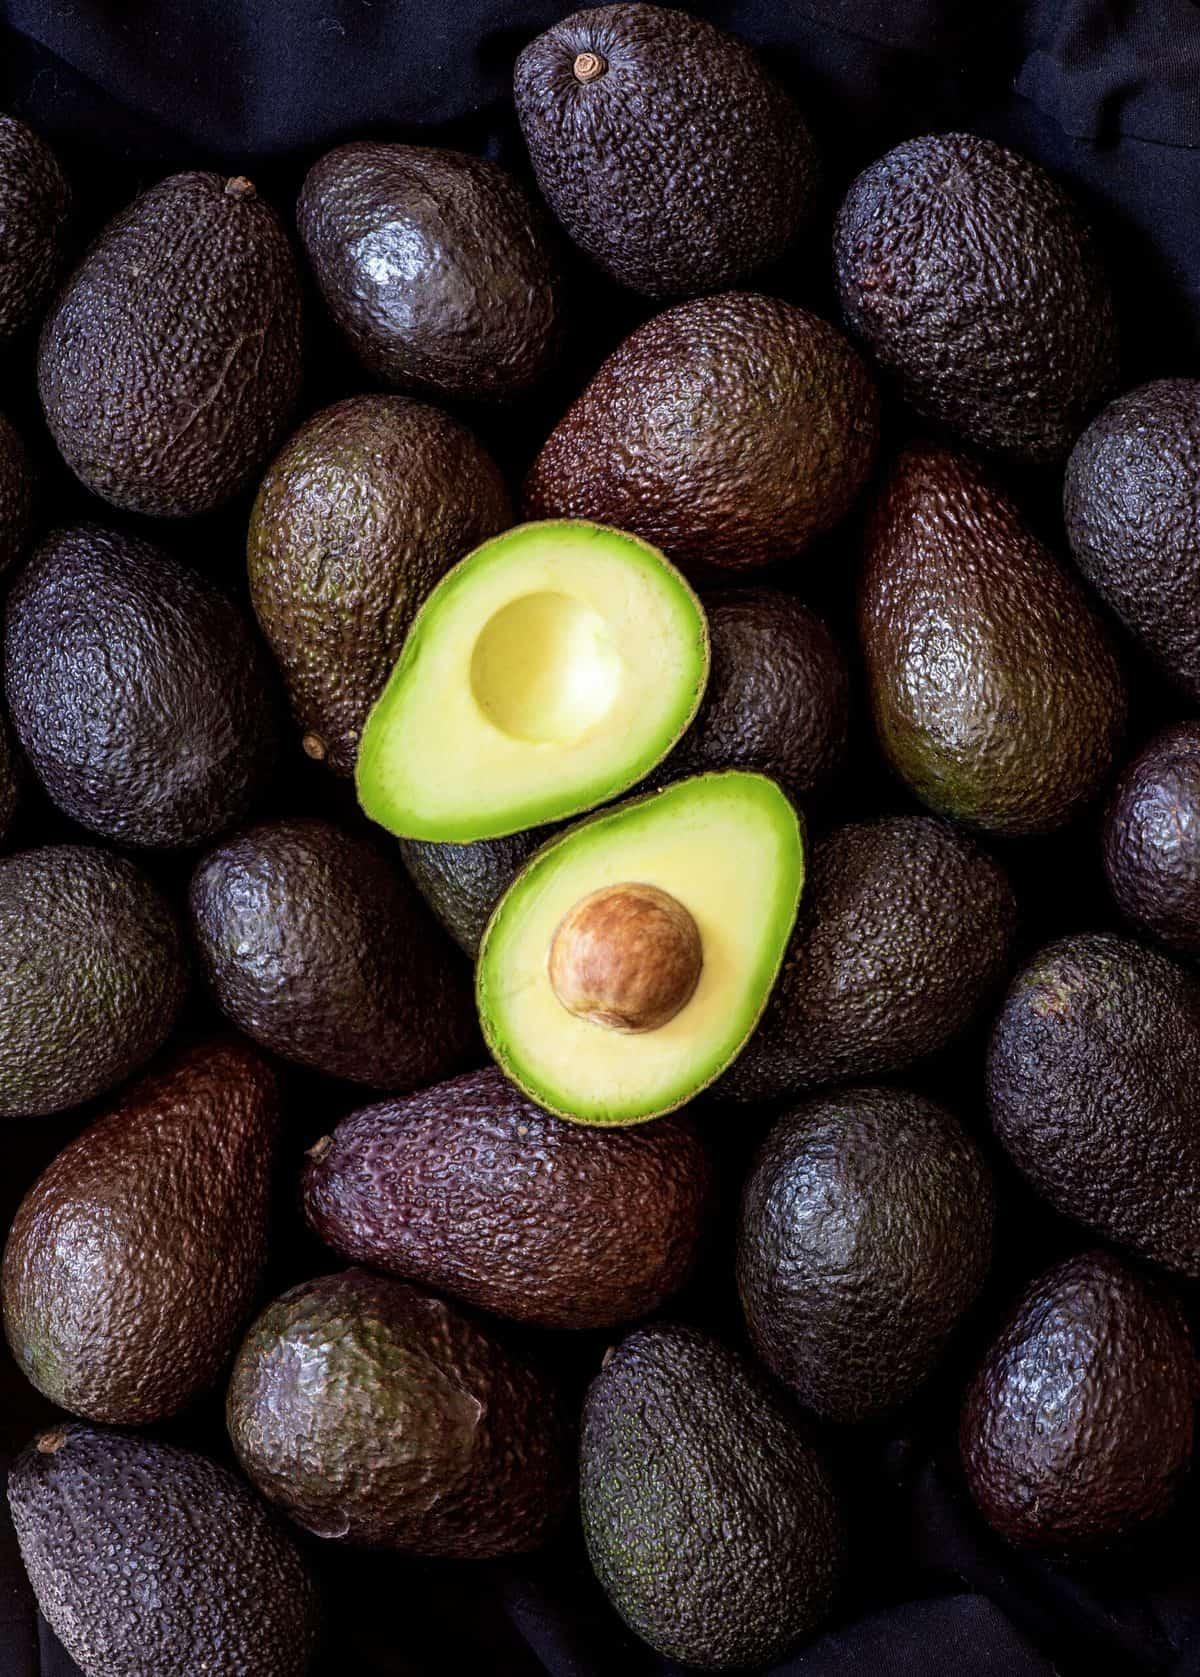 Avocado overlay with open avocado